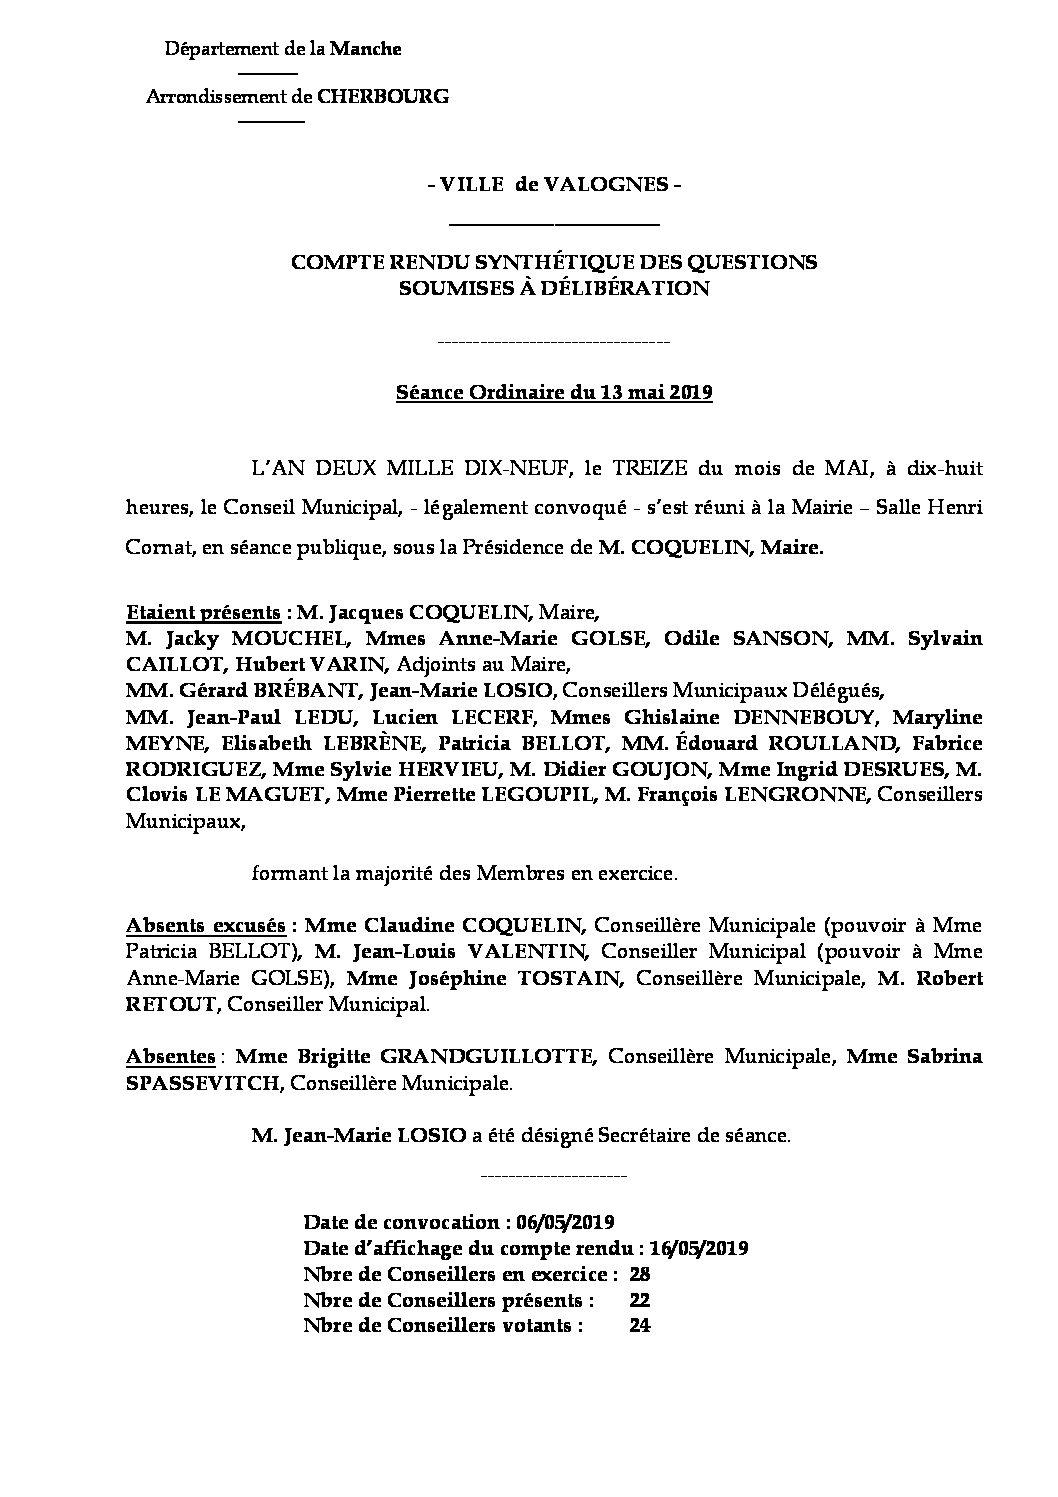 Compte rendu synthétique CM 13 05 19 - Compte rendu synthétique des questions soumises à délibération lors de la réunion du Conseil Municipal du 13 mai 2019.